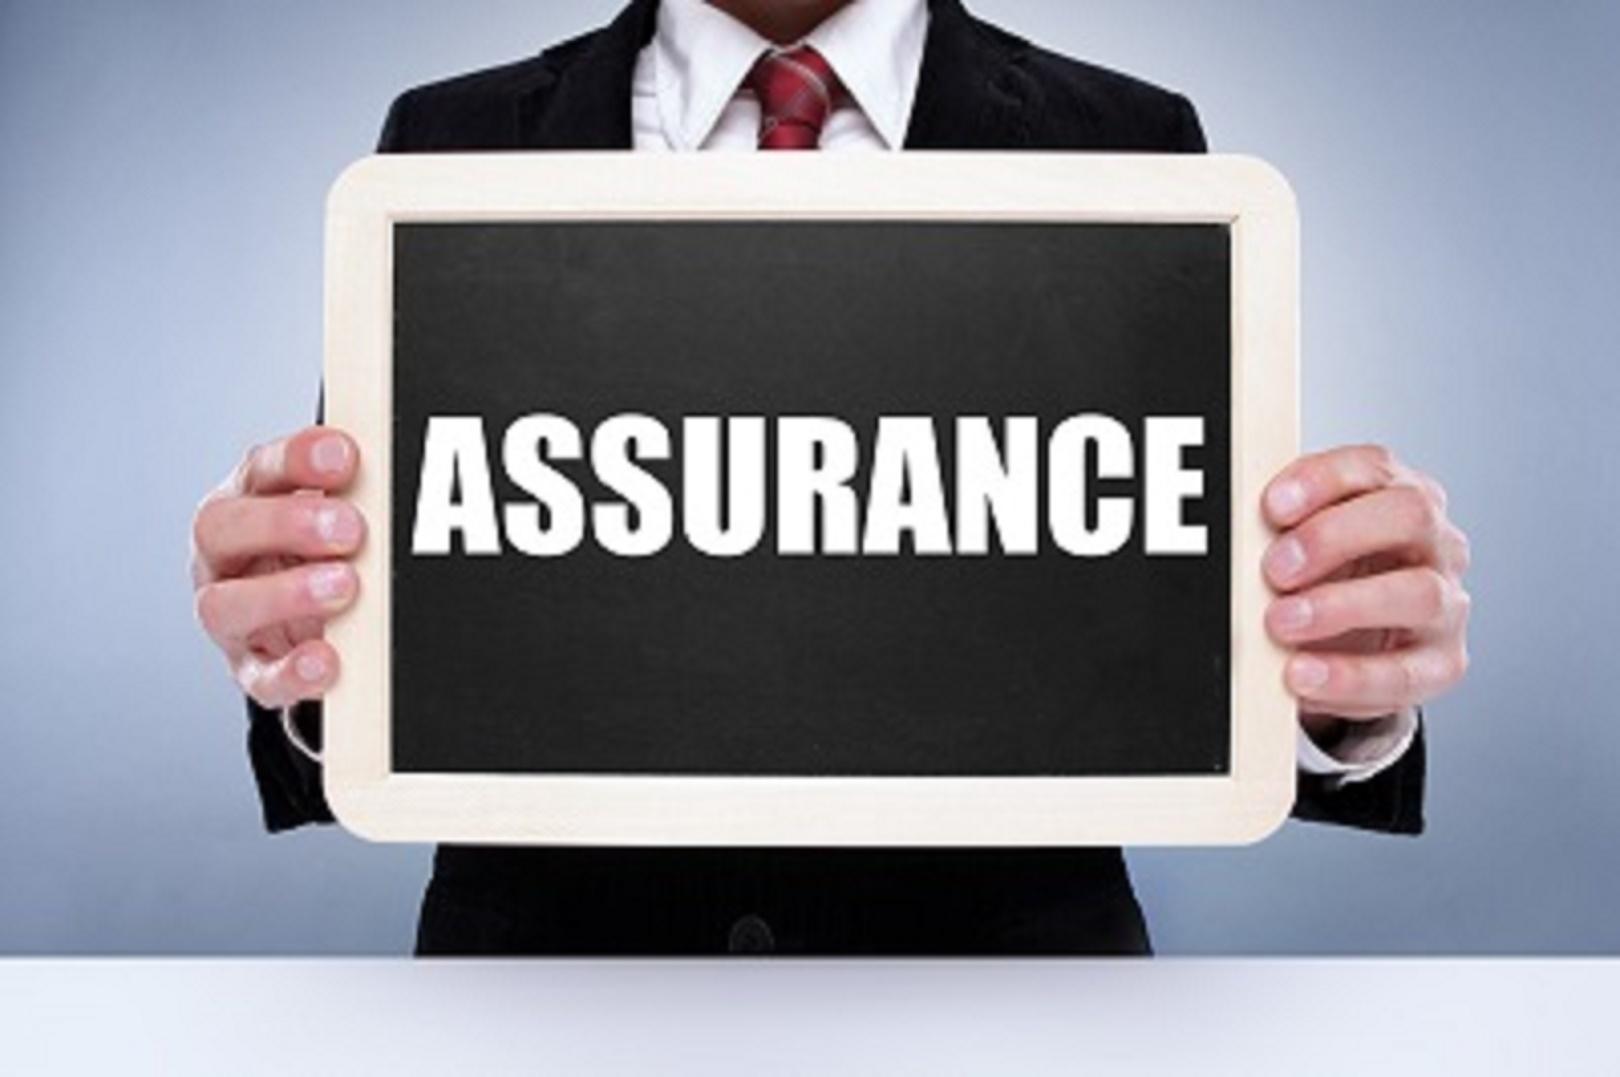 Assurance : une assurance de qualité ?